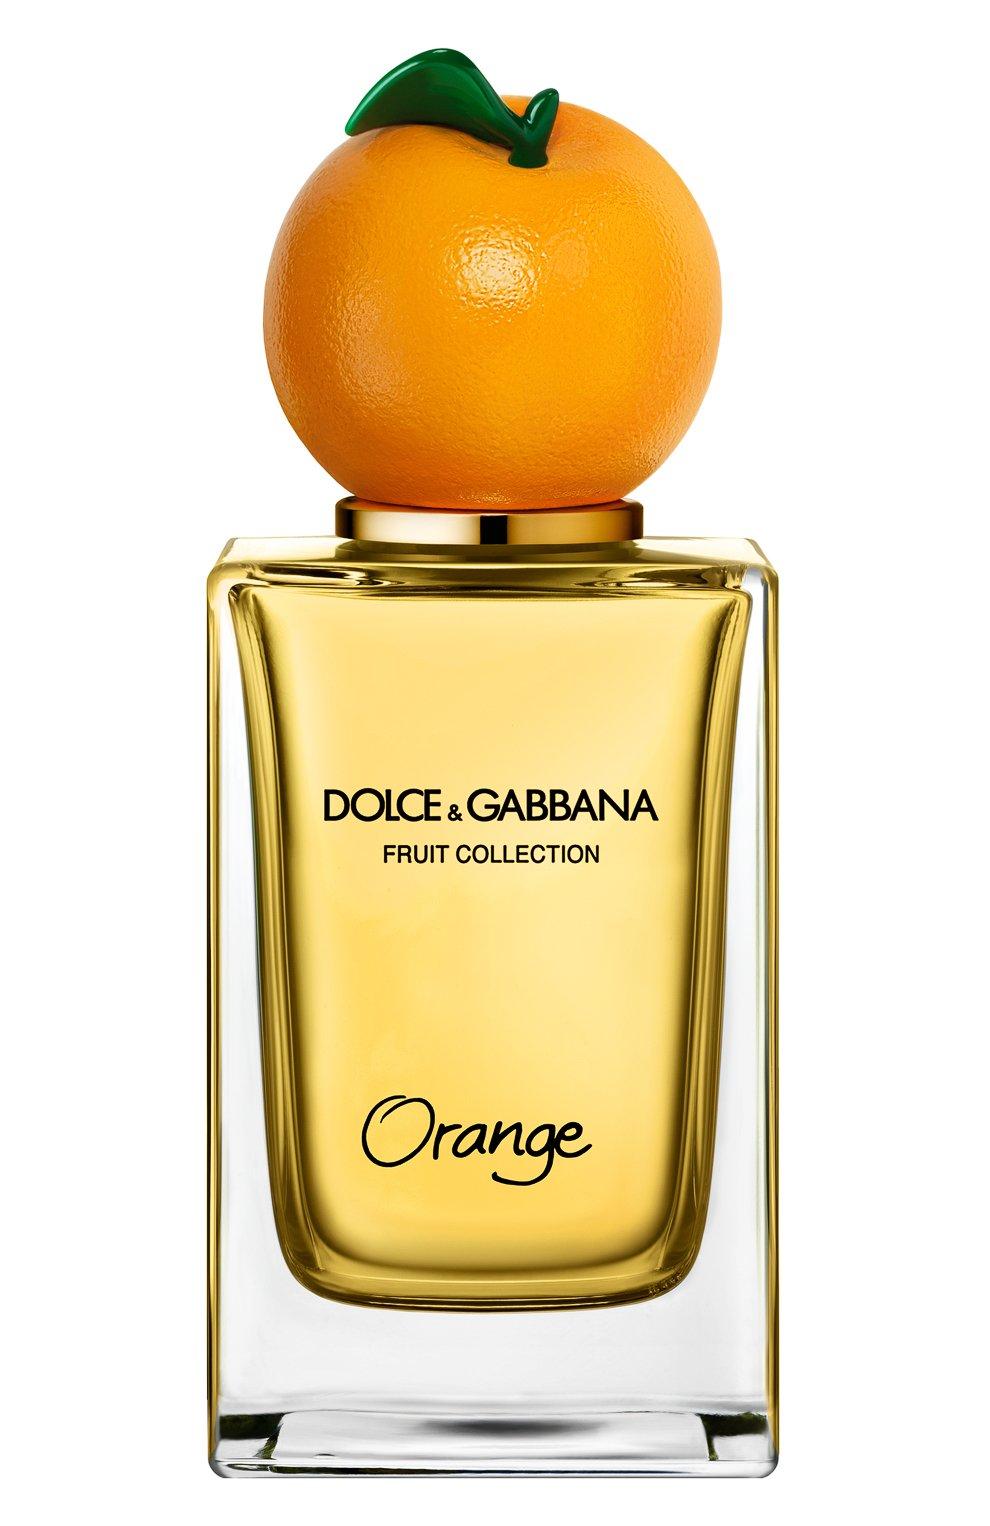 Nước hoa Dolce & Gabbana Fruit Collection Orange